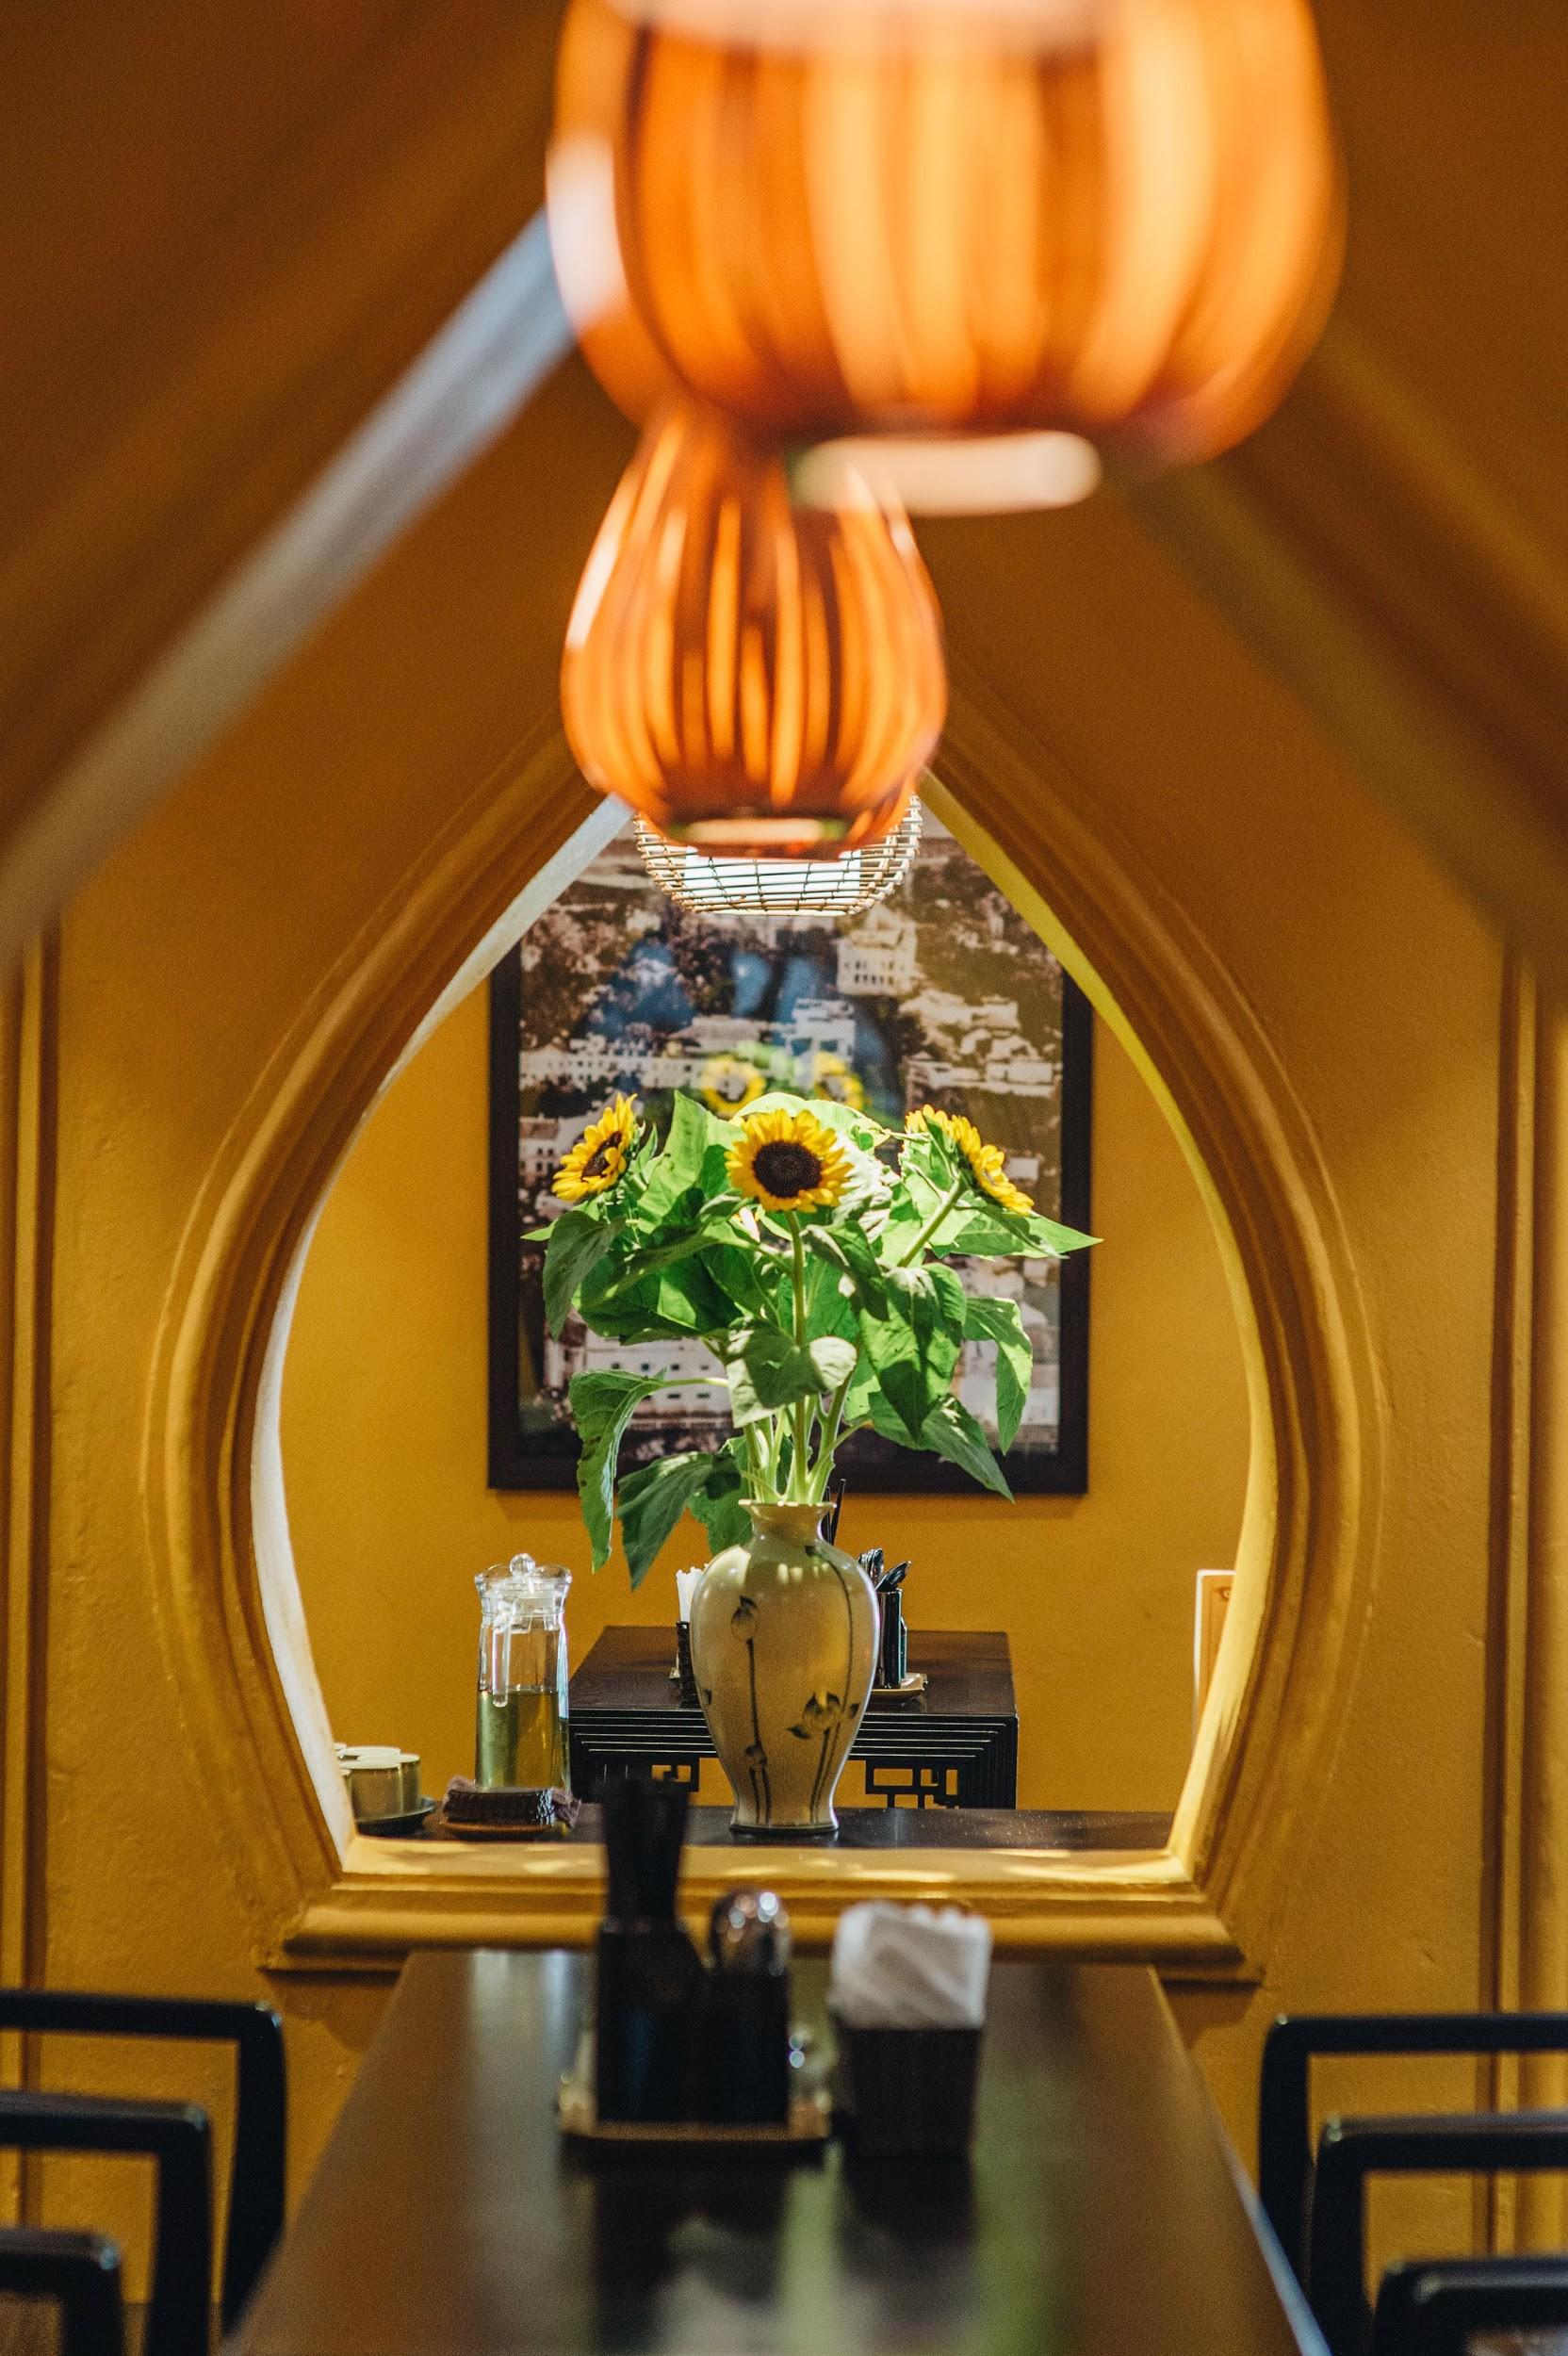 Ngược dòng thời gian cùng Phở Cội: Tìm phong vị phở giữa không gian nhà hàng ấm áp, gợi nét đẹp xưa Hà Nội - Ảnh 10.